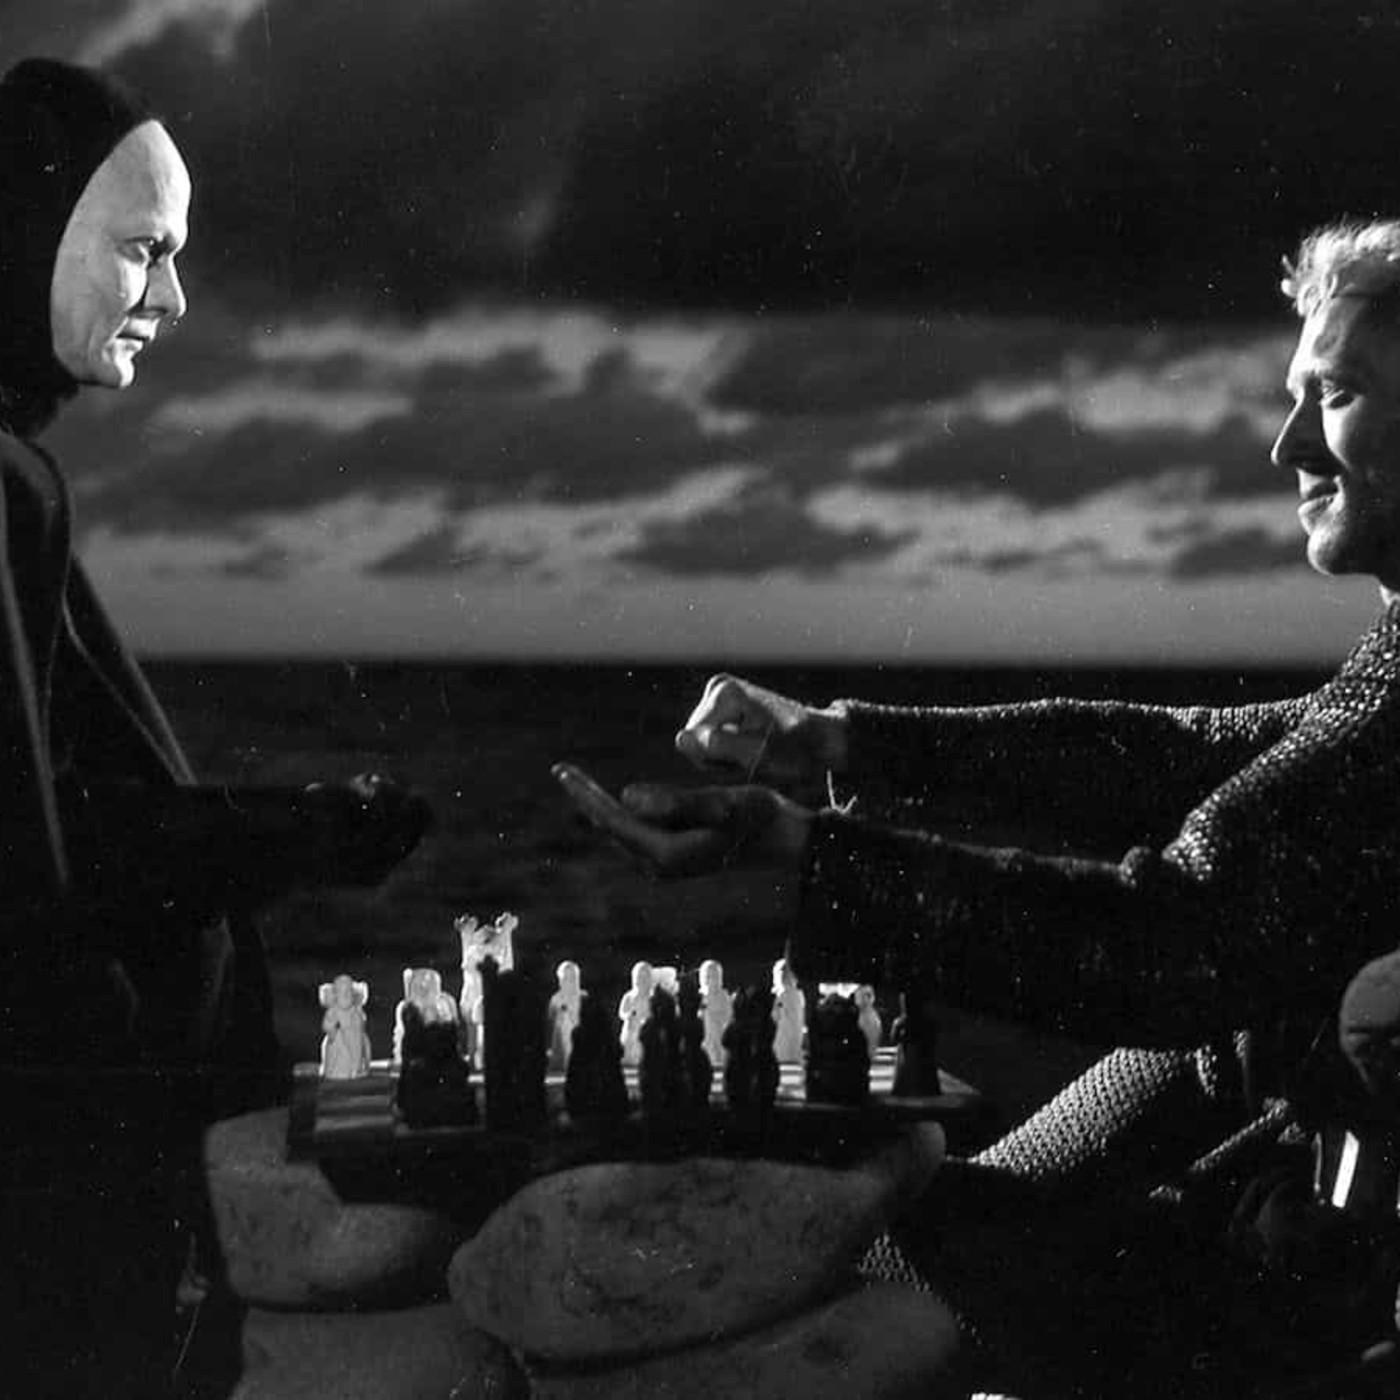 La controvertida vida y misterio de Ingmar Bergman